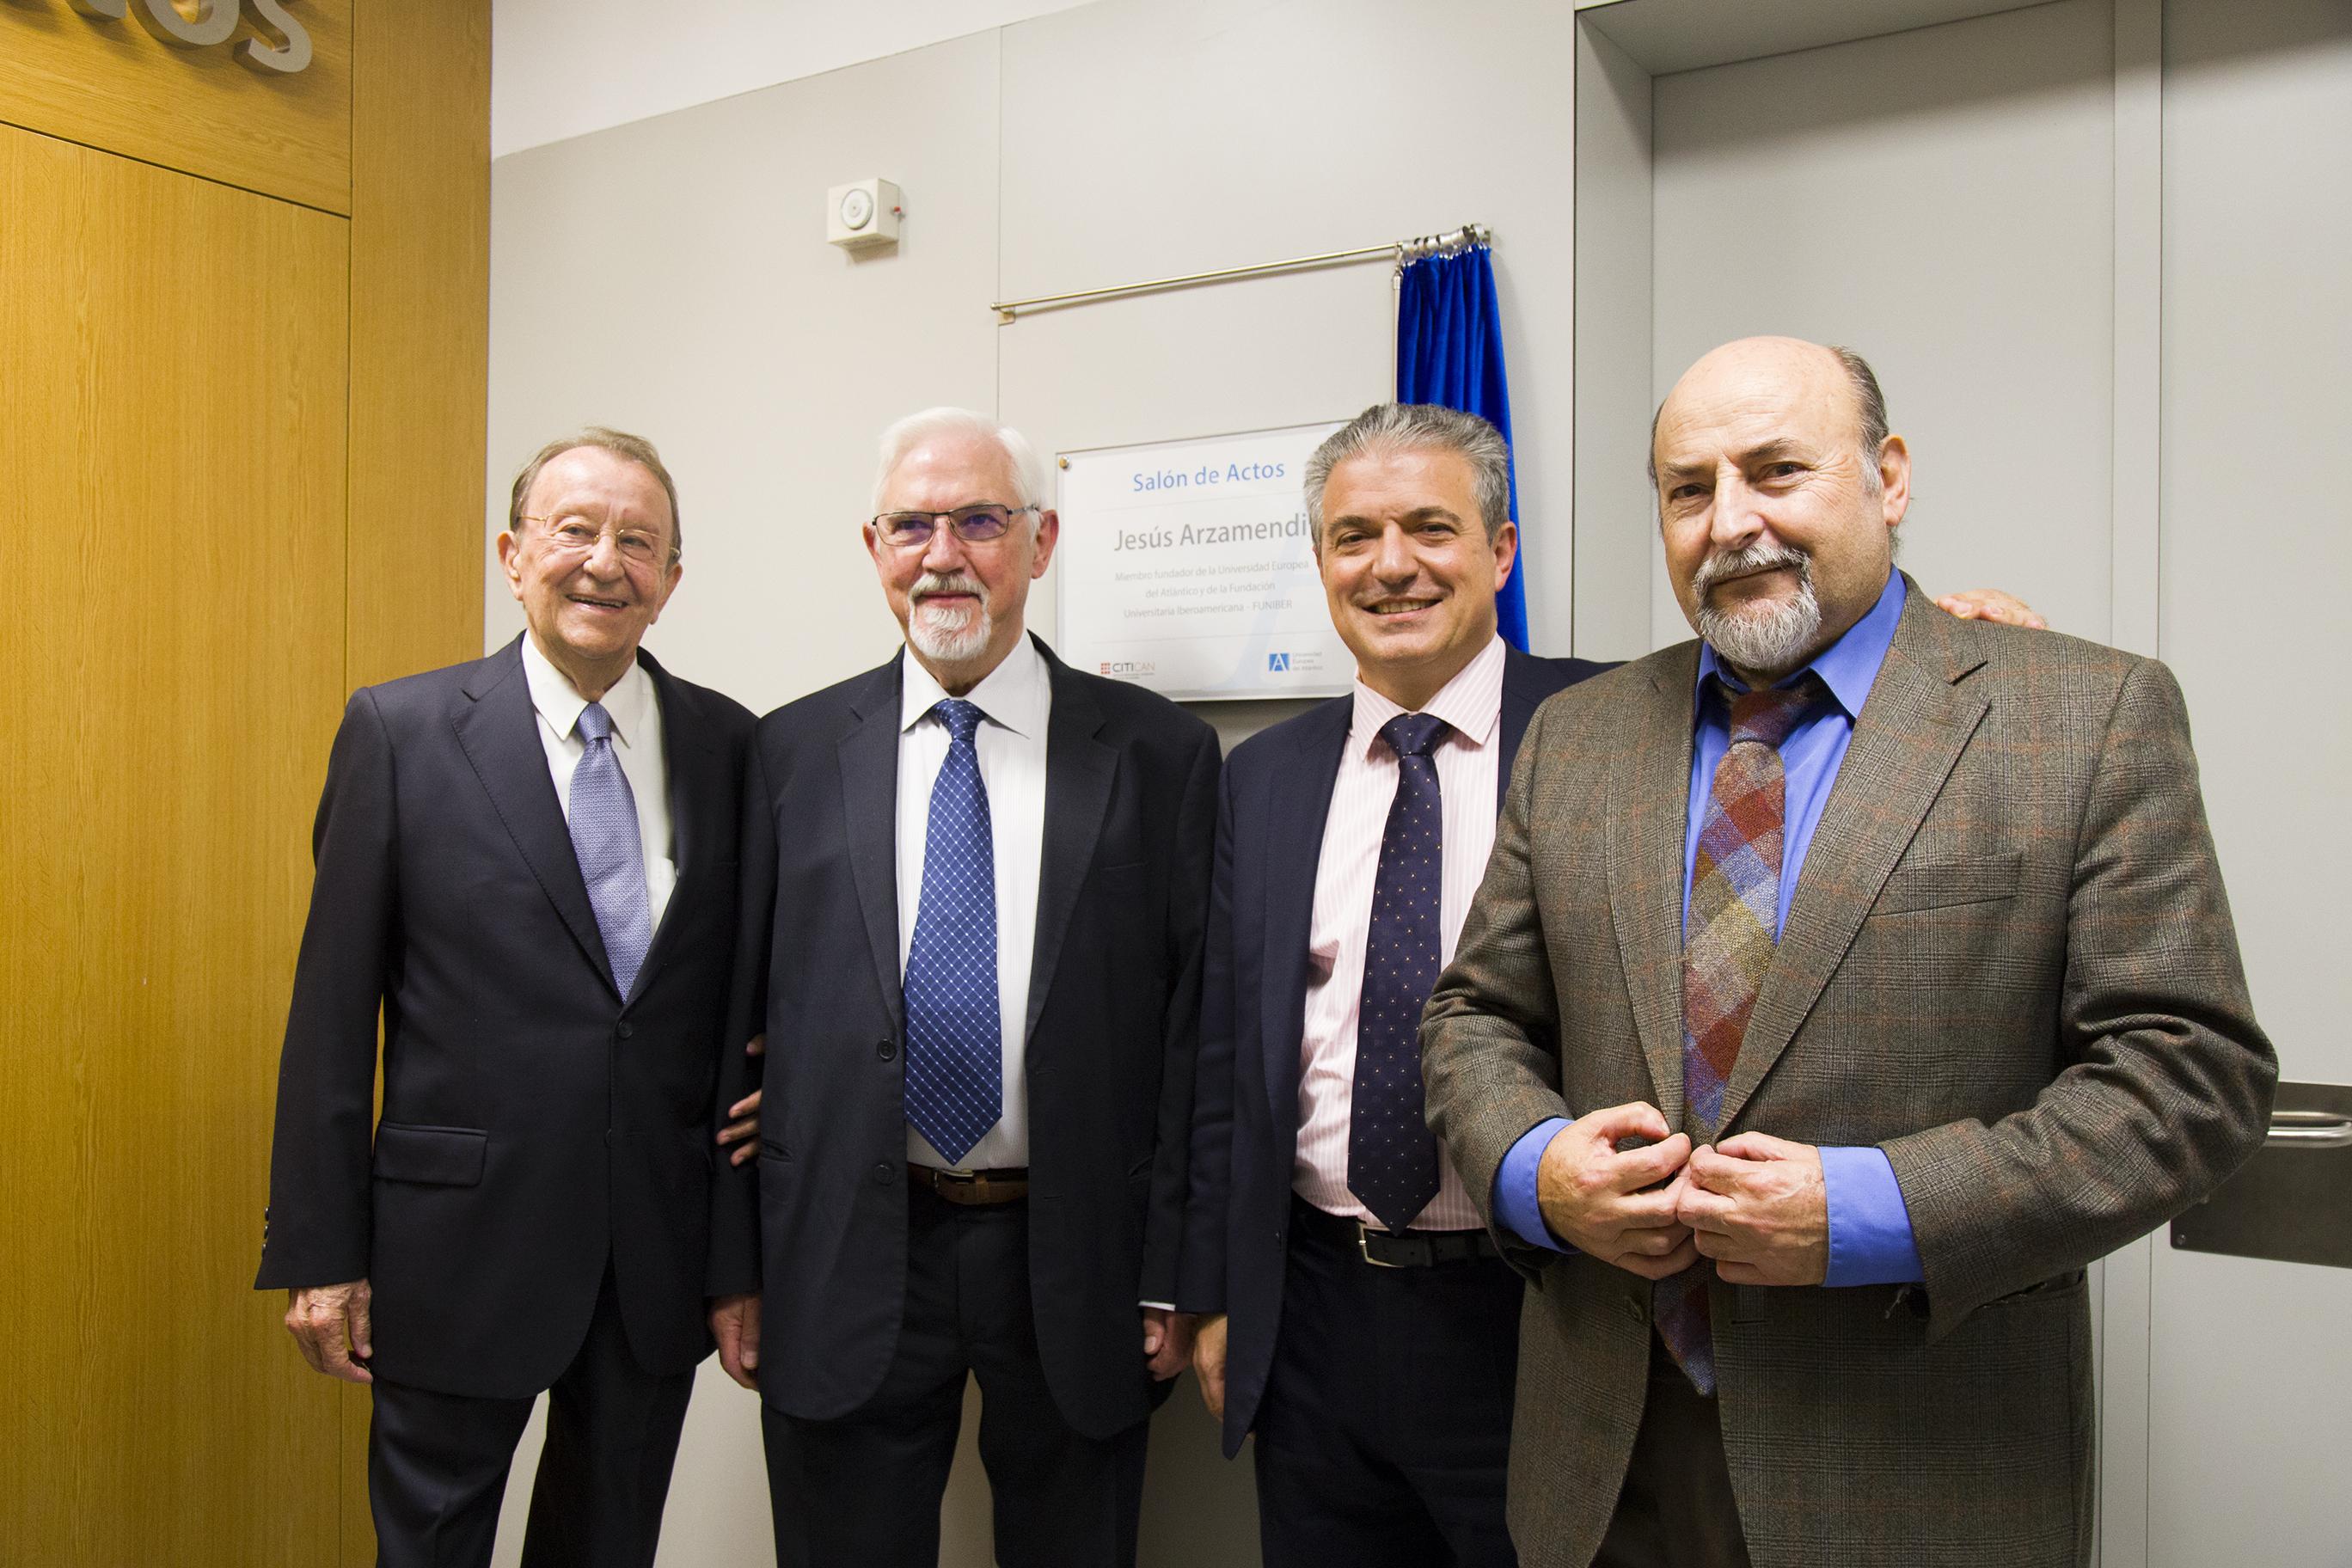 Inauguración oficial de diversas instalaciones del campus tras el descubrimiento de tres placas conmemorativas